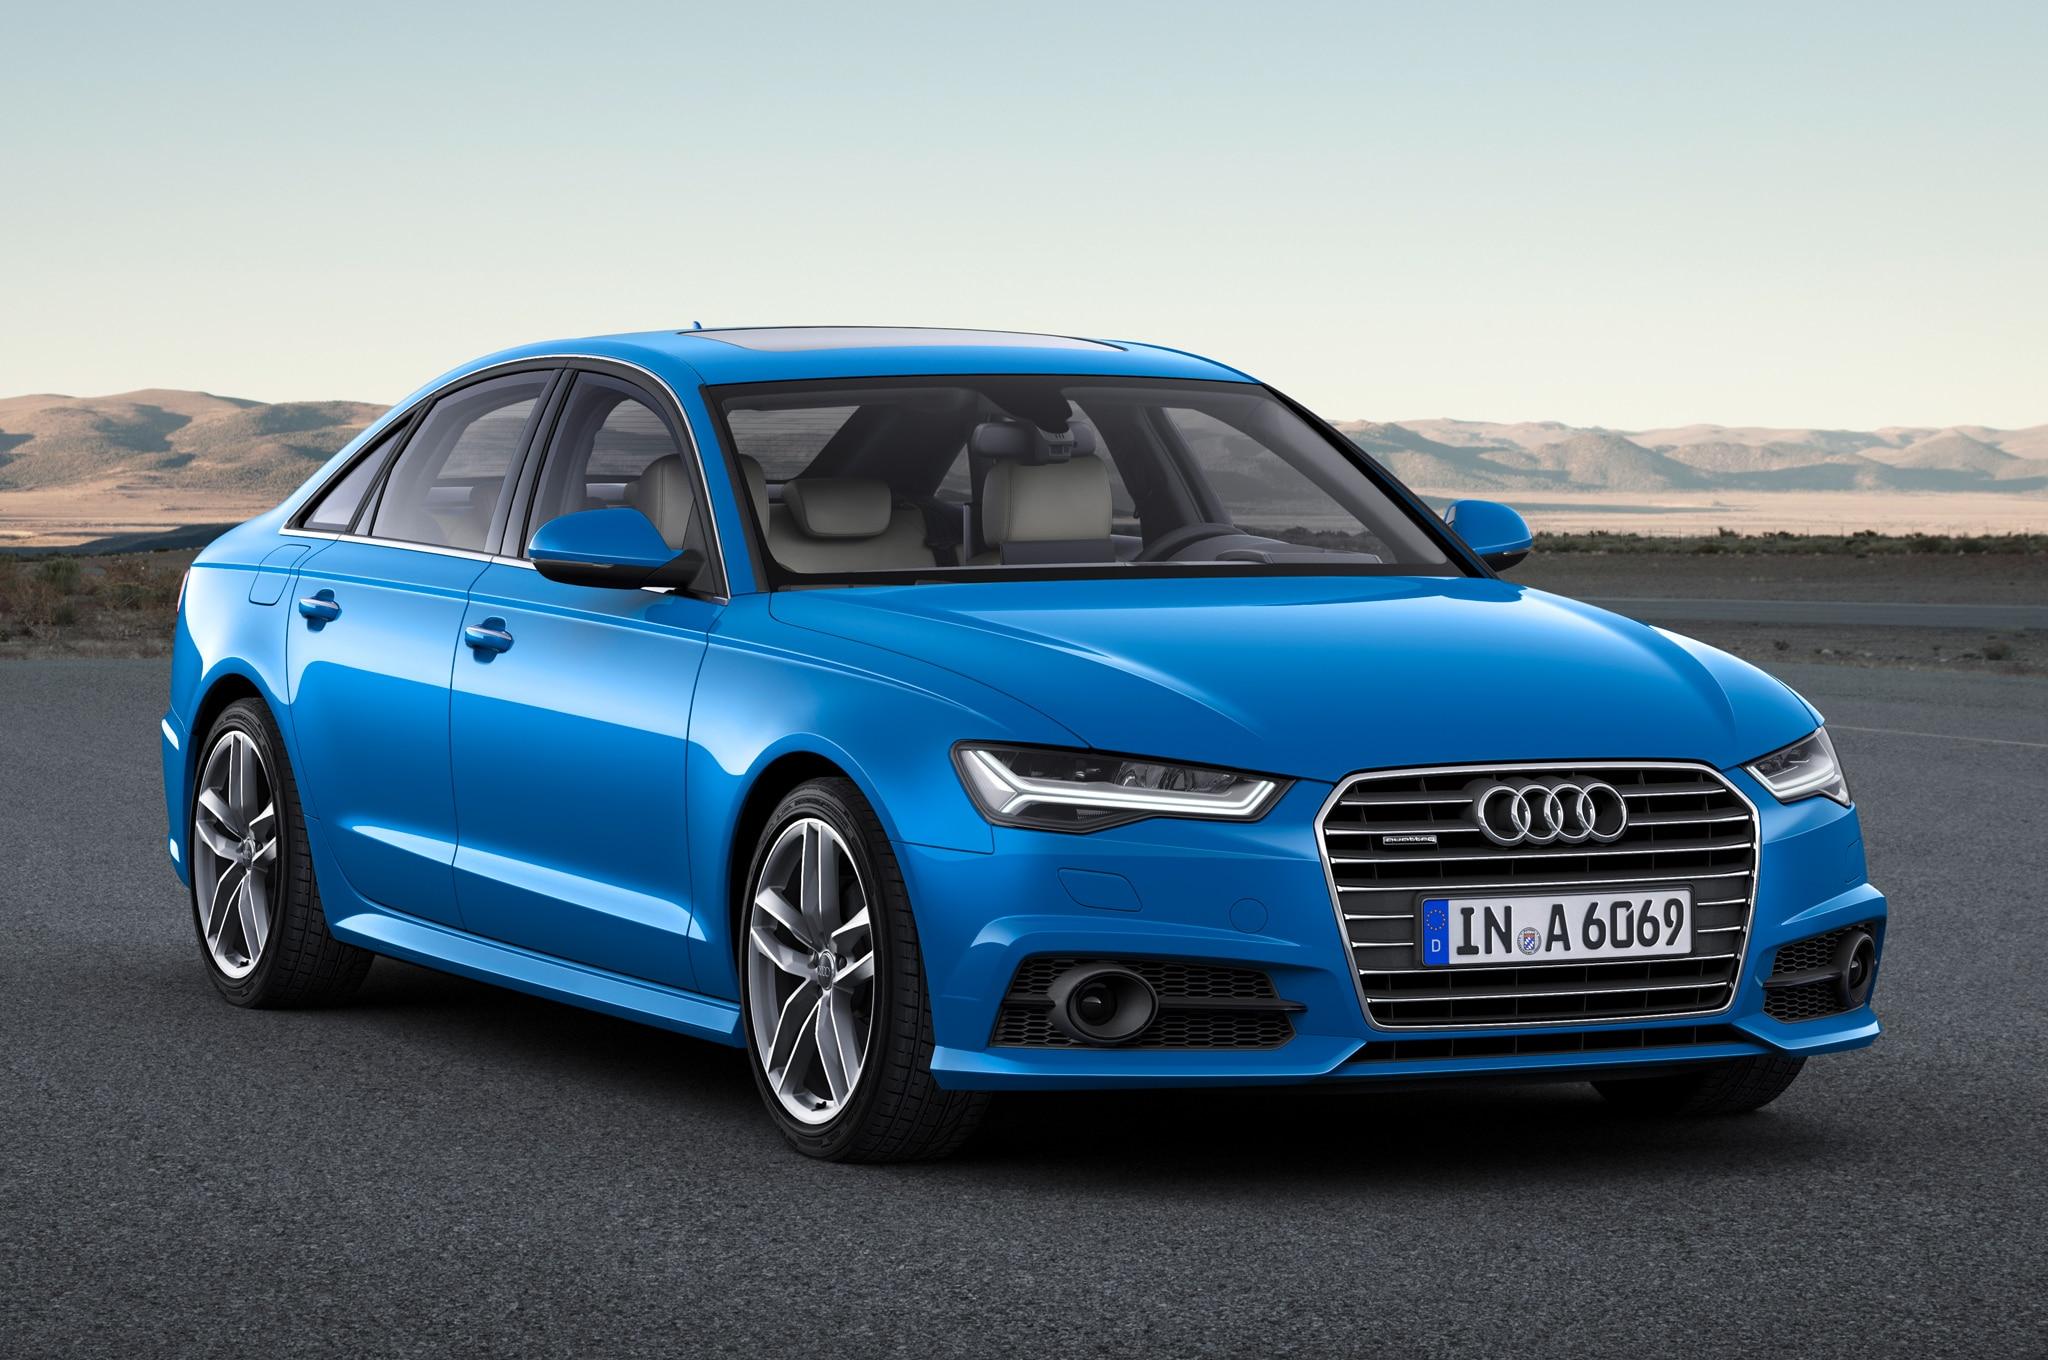 2017 Audi A6 European Spec Front Side View